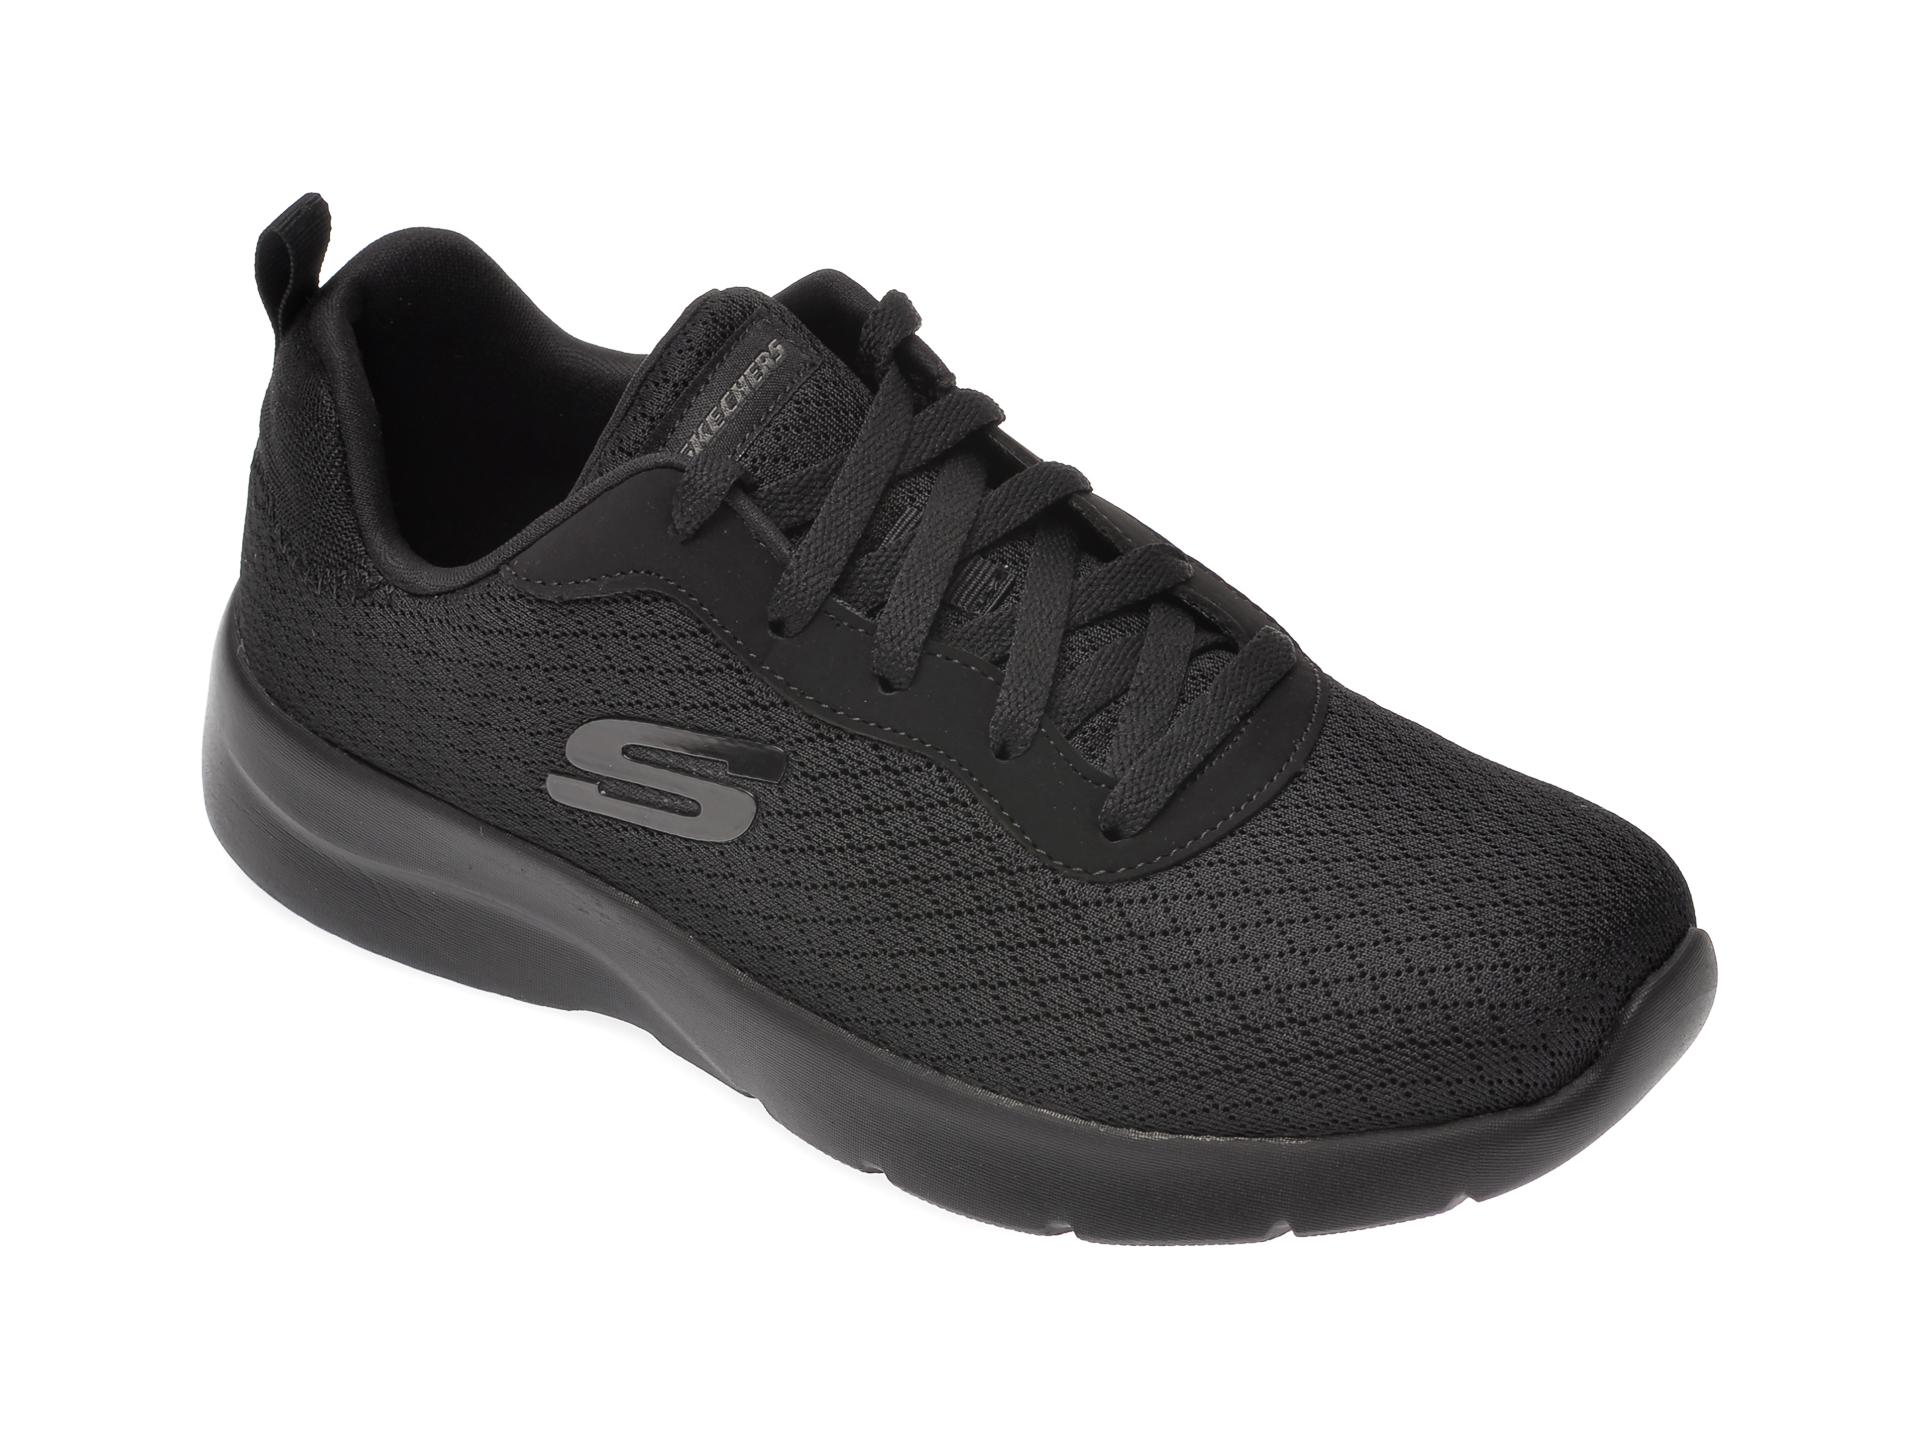 Pantofi sport SKECHERS negri, Dynamight 2.0 Eye To Eye, din material textil